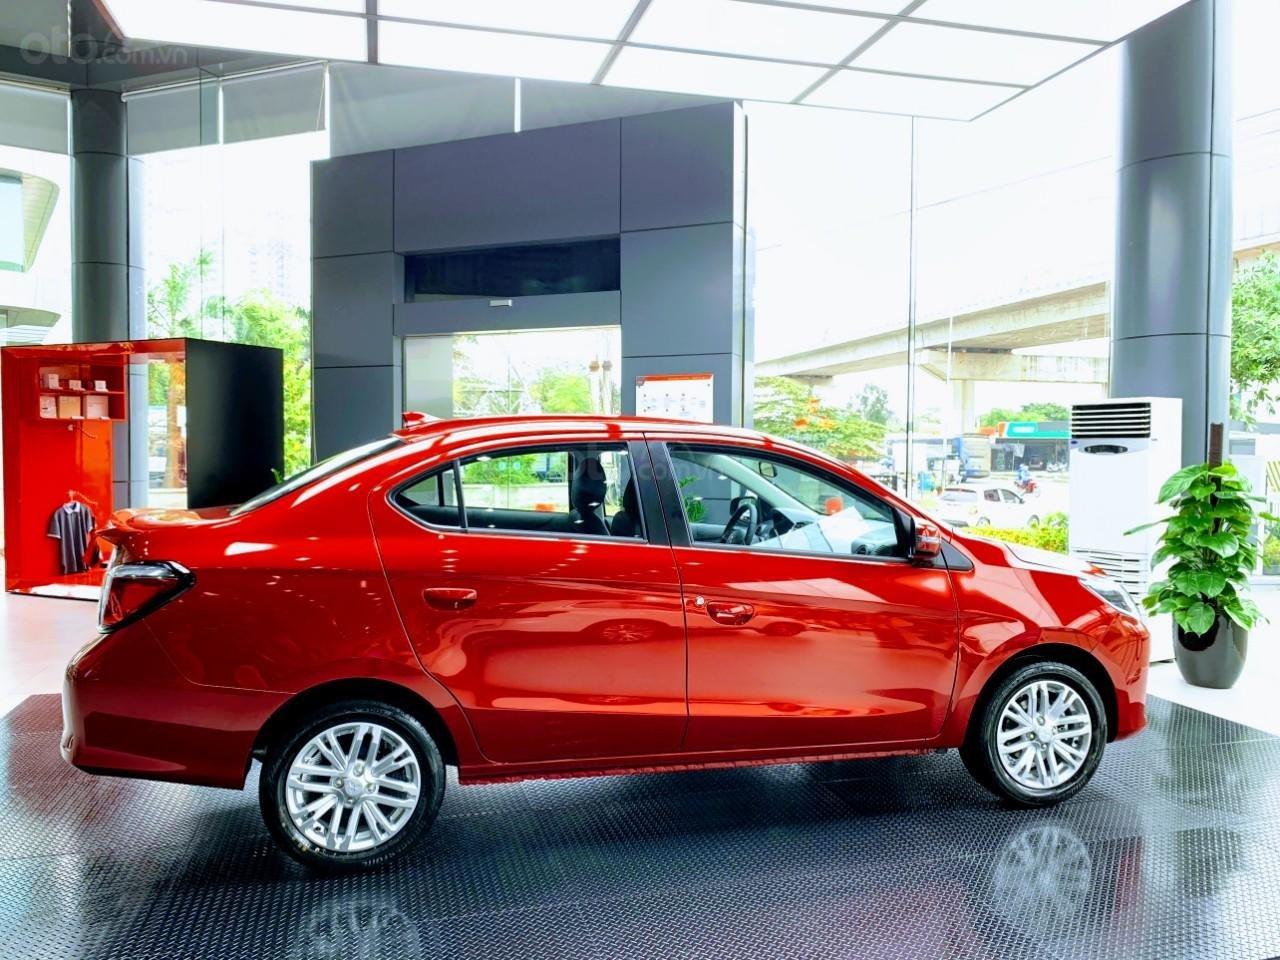 (Hot) Mitsubishi Bắc Ninh - Attrage giảm 50% thuế trước bạ, giảm tiền mặt, kèm phụ kiện chính hãng (4)